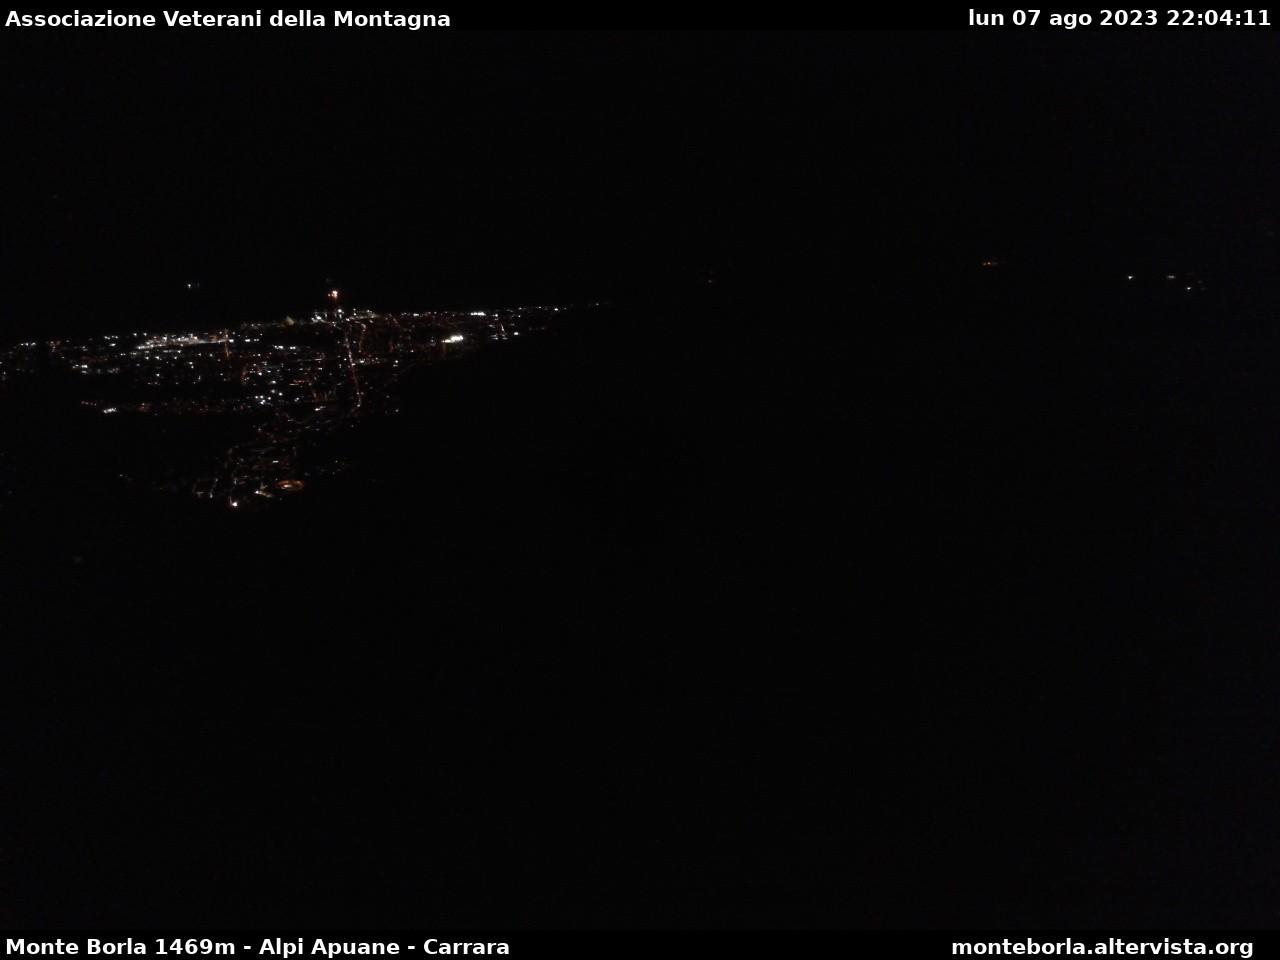 Webcam Monte Borla - Immagini di MonteBorla